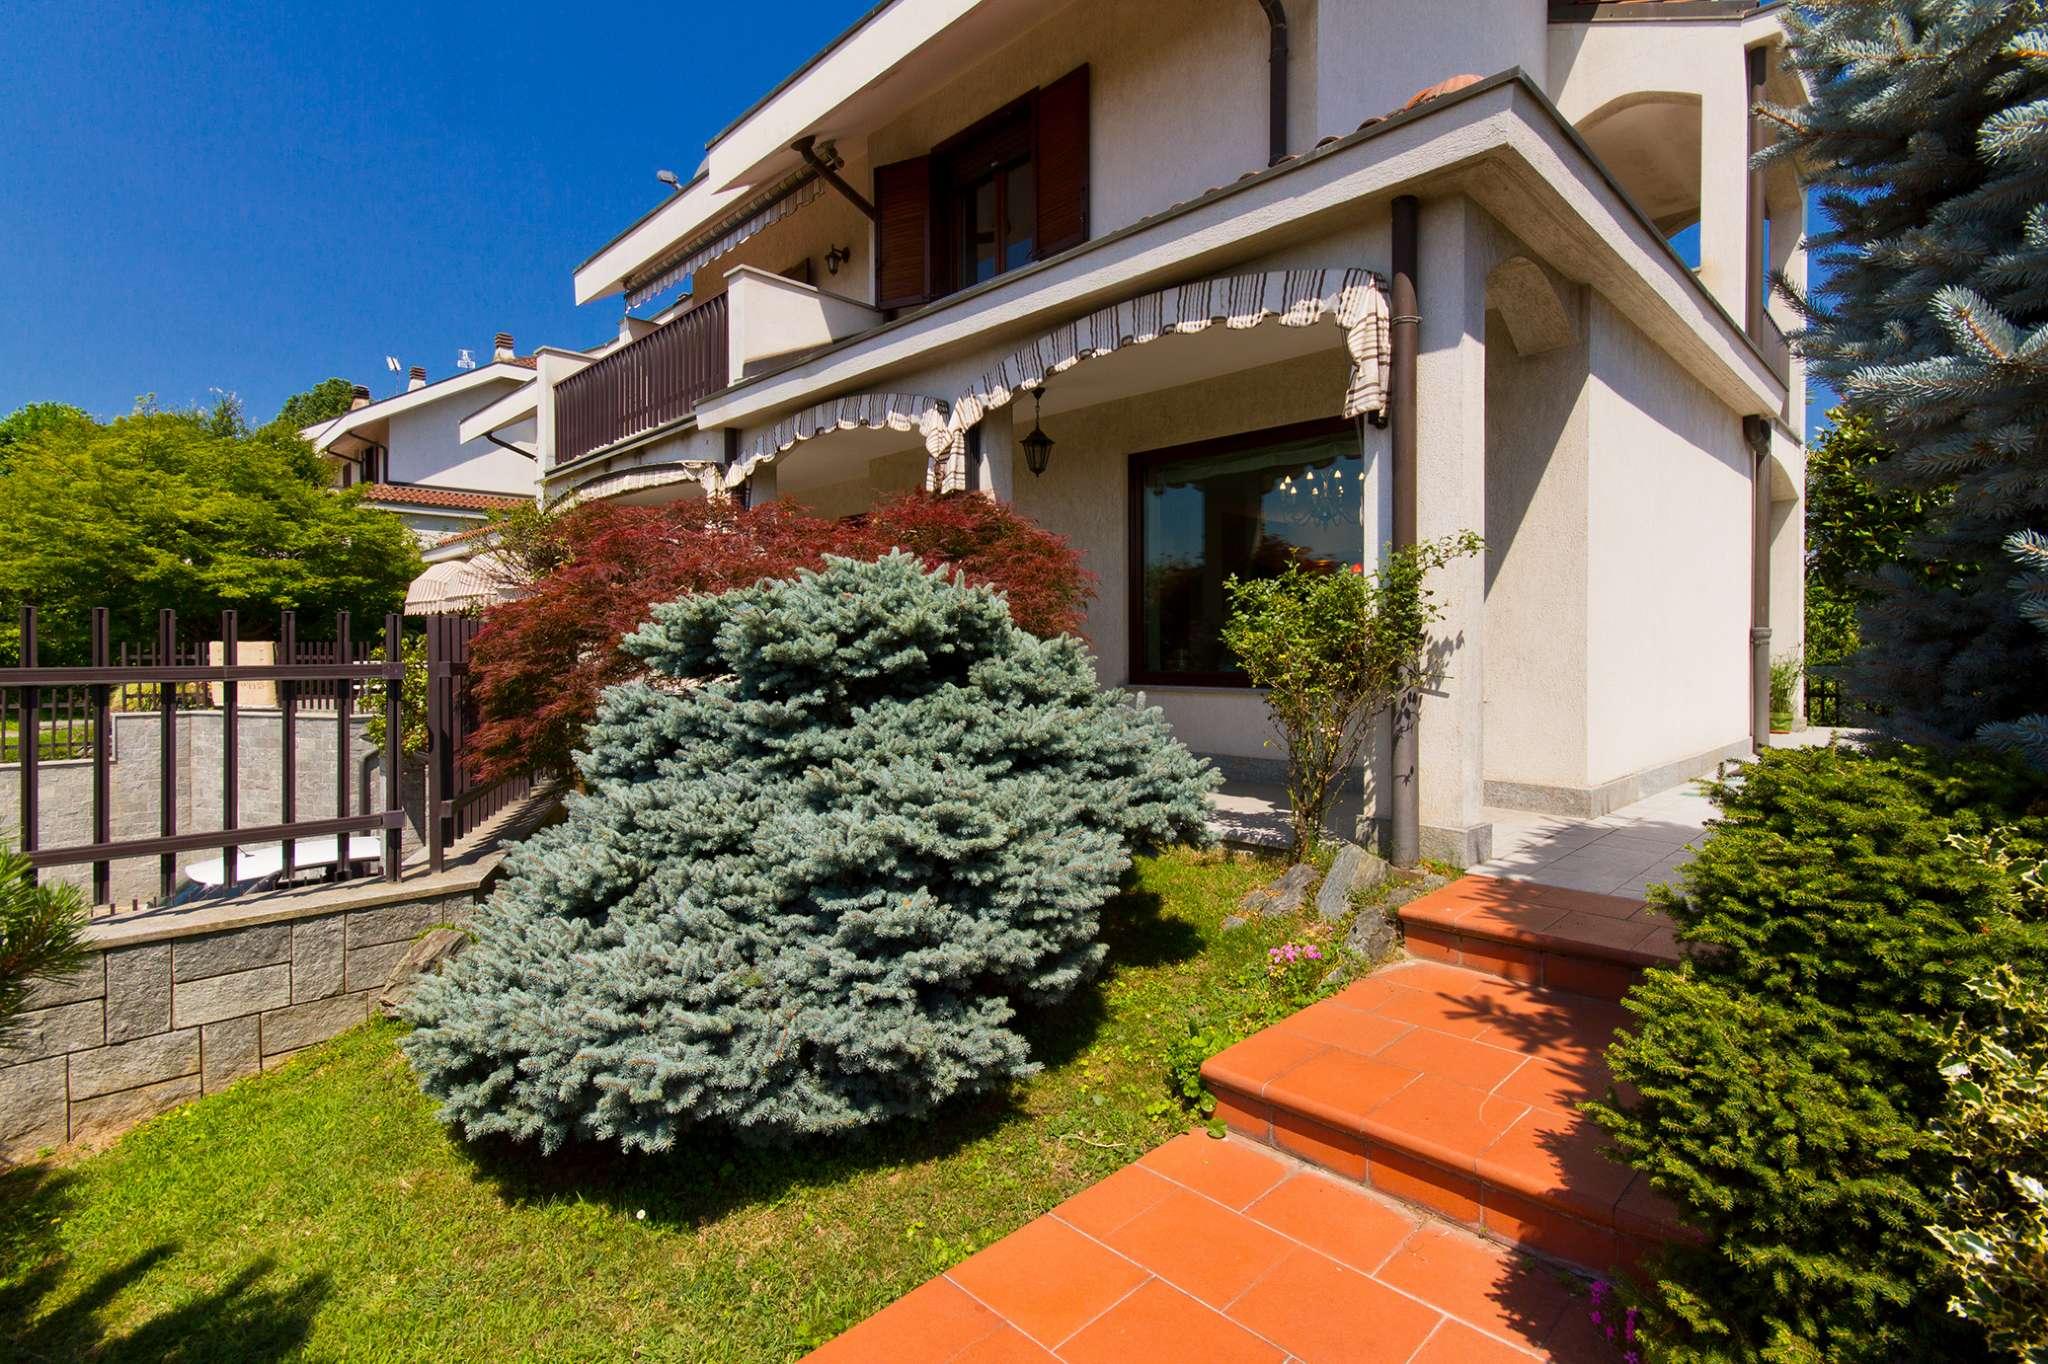 Villetta a Schiera in vendita strada Scaravaglio 53/7 Rivoli